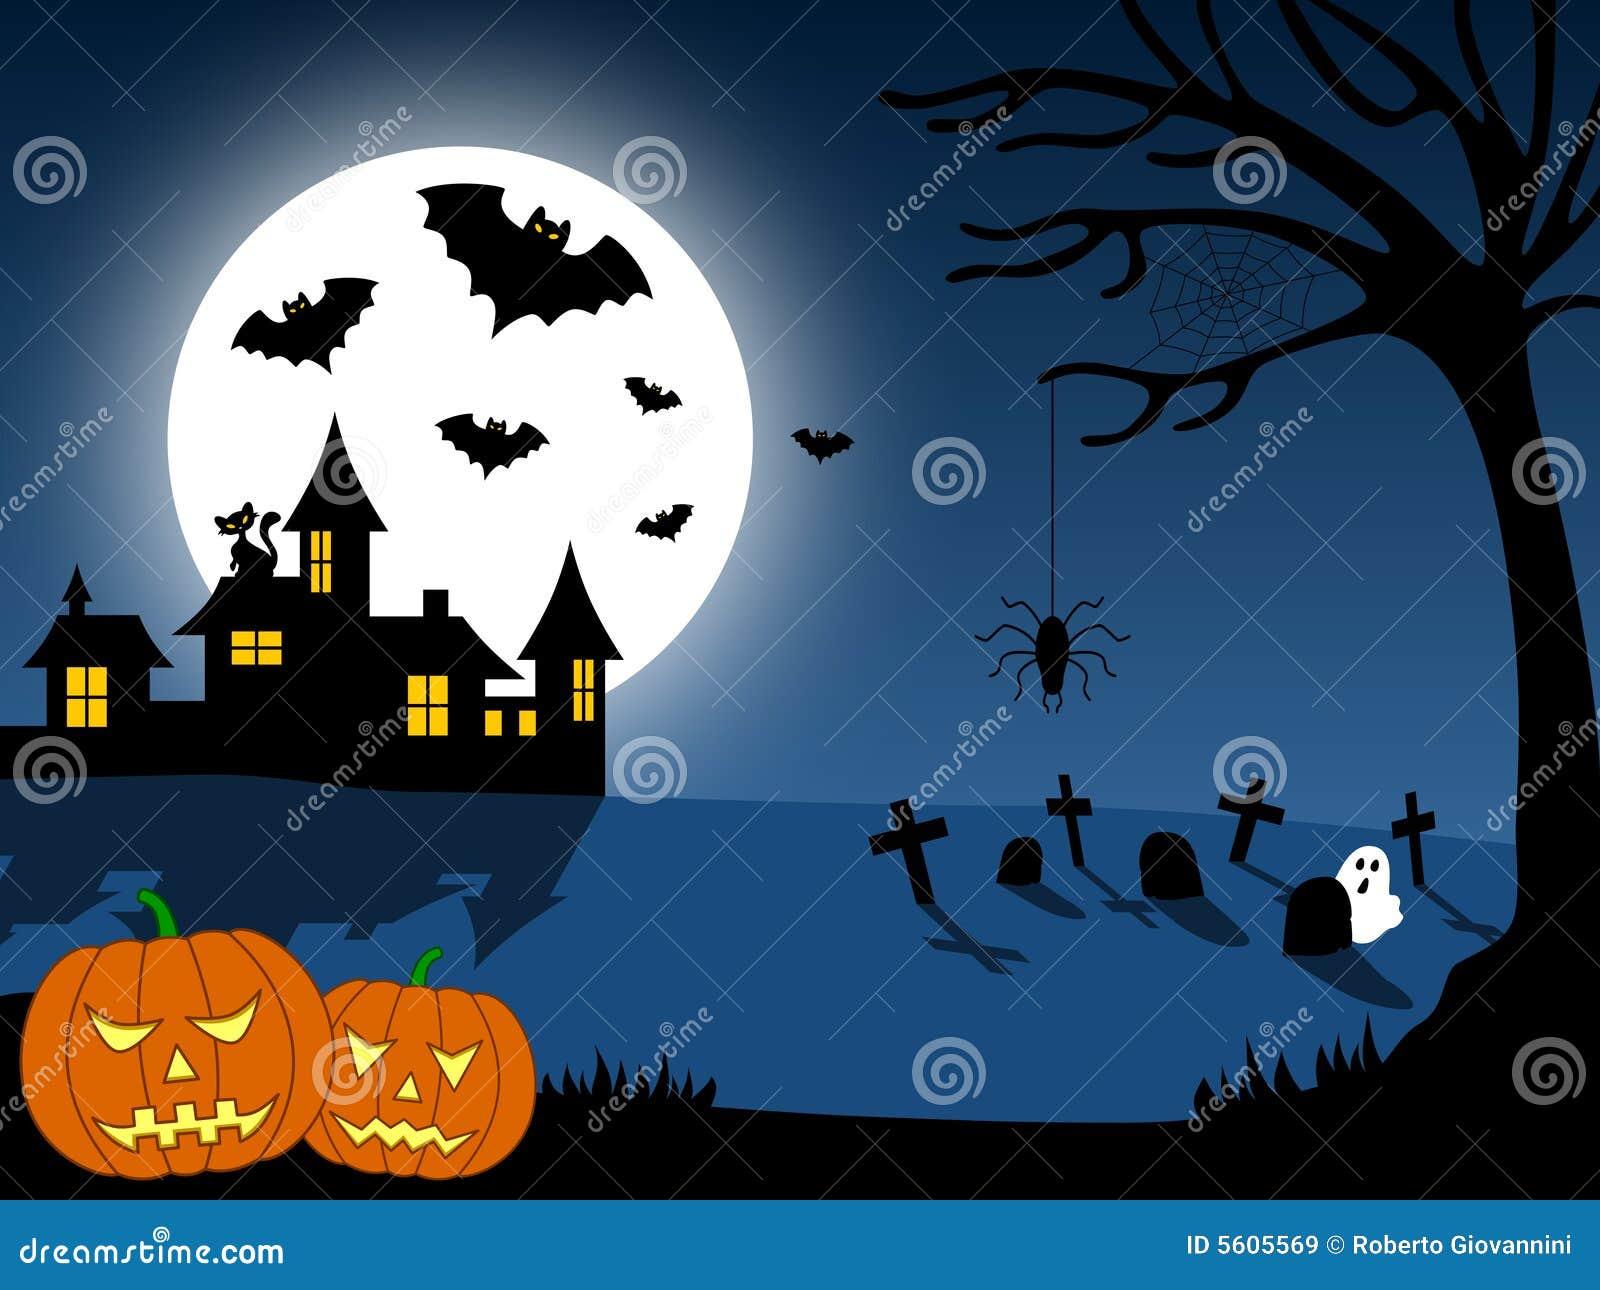 halloween scene clipart - photo #39